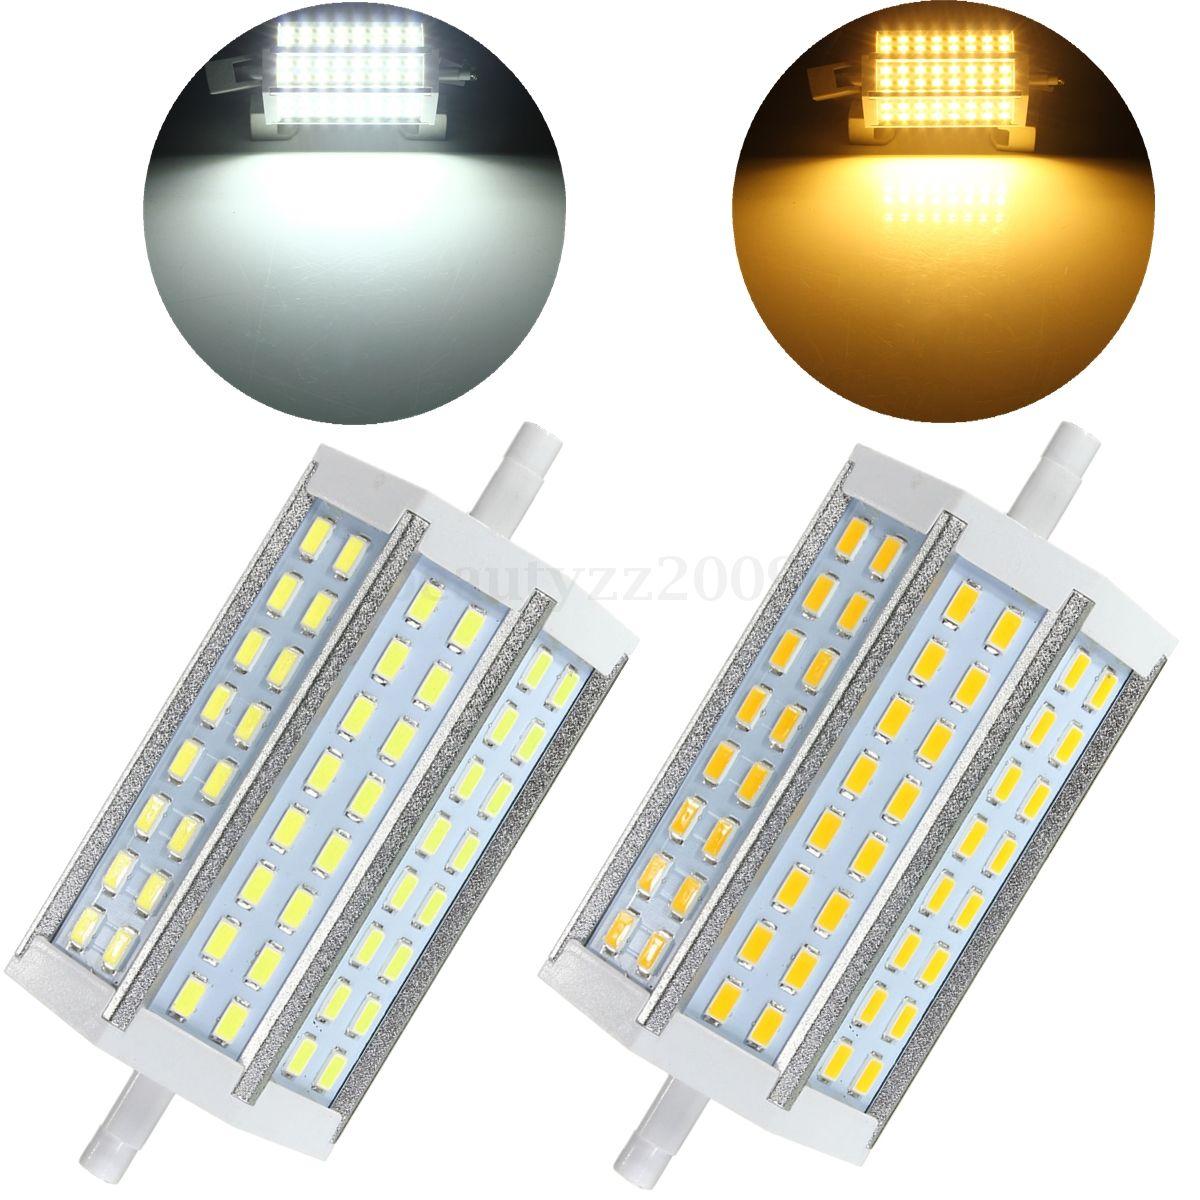 r7s j78 j118 j189 5730 smd led flood light replacement halogen lamp tube bulb ebay. Black Bedroom Furniture Sets. Home Design Ideas